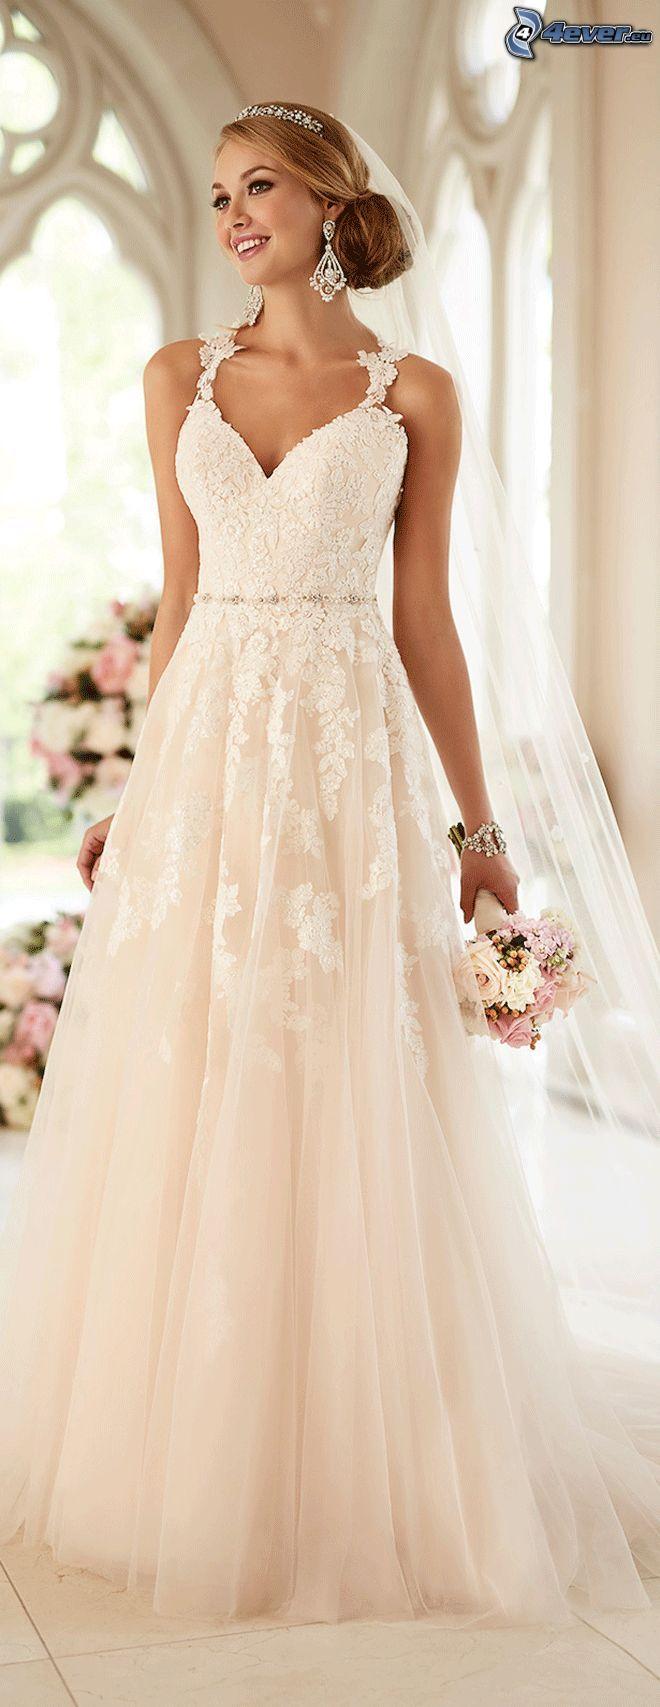 suknia ślubna, panna młoda, bukiet ślubny, uśmiech